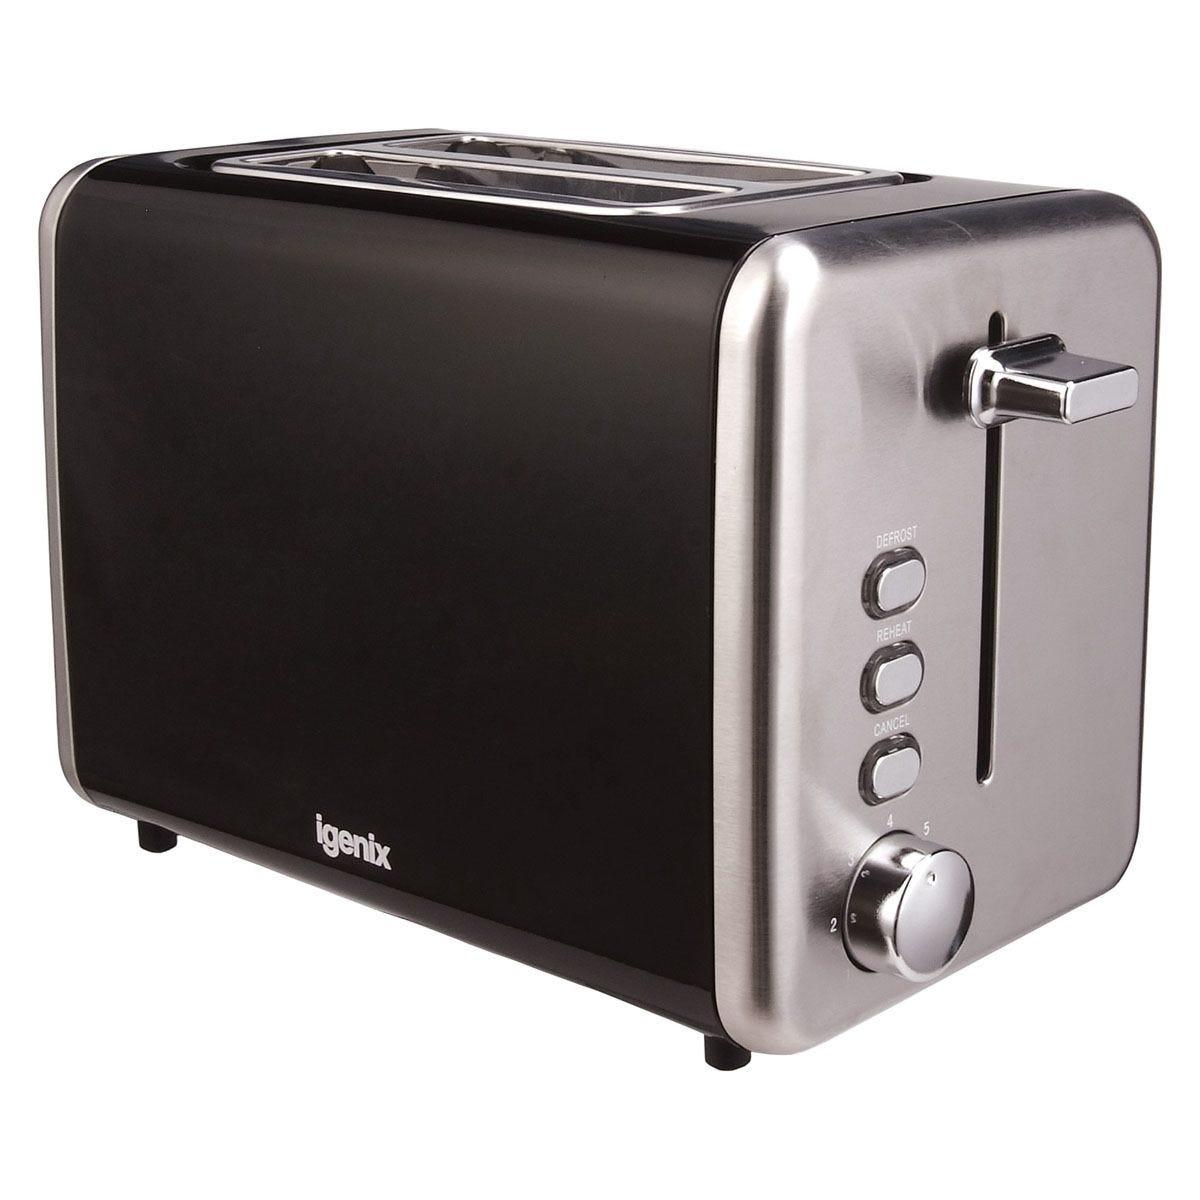 Igenix IG3000B 2-Slice Stainless Steel Toaster - Black